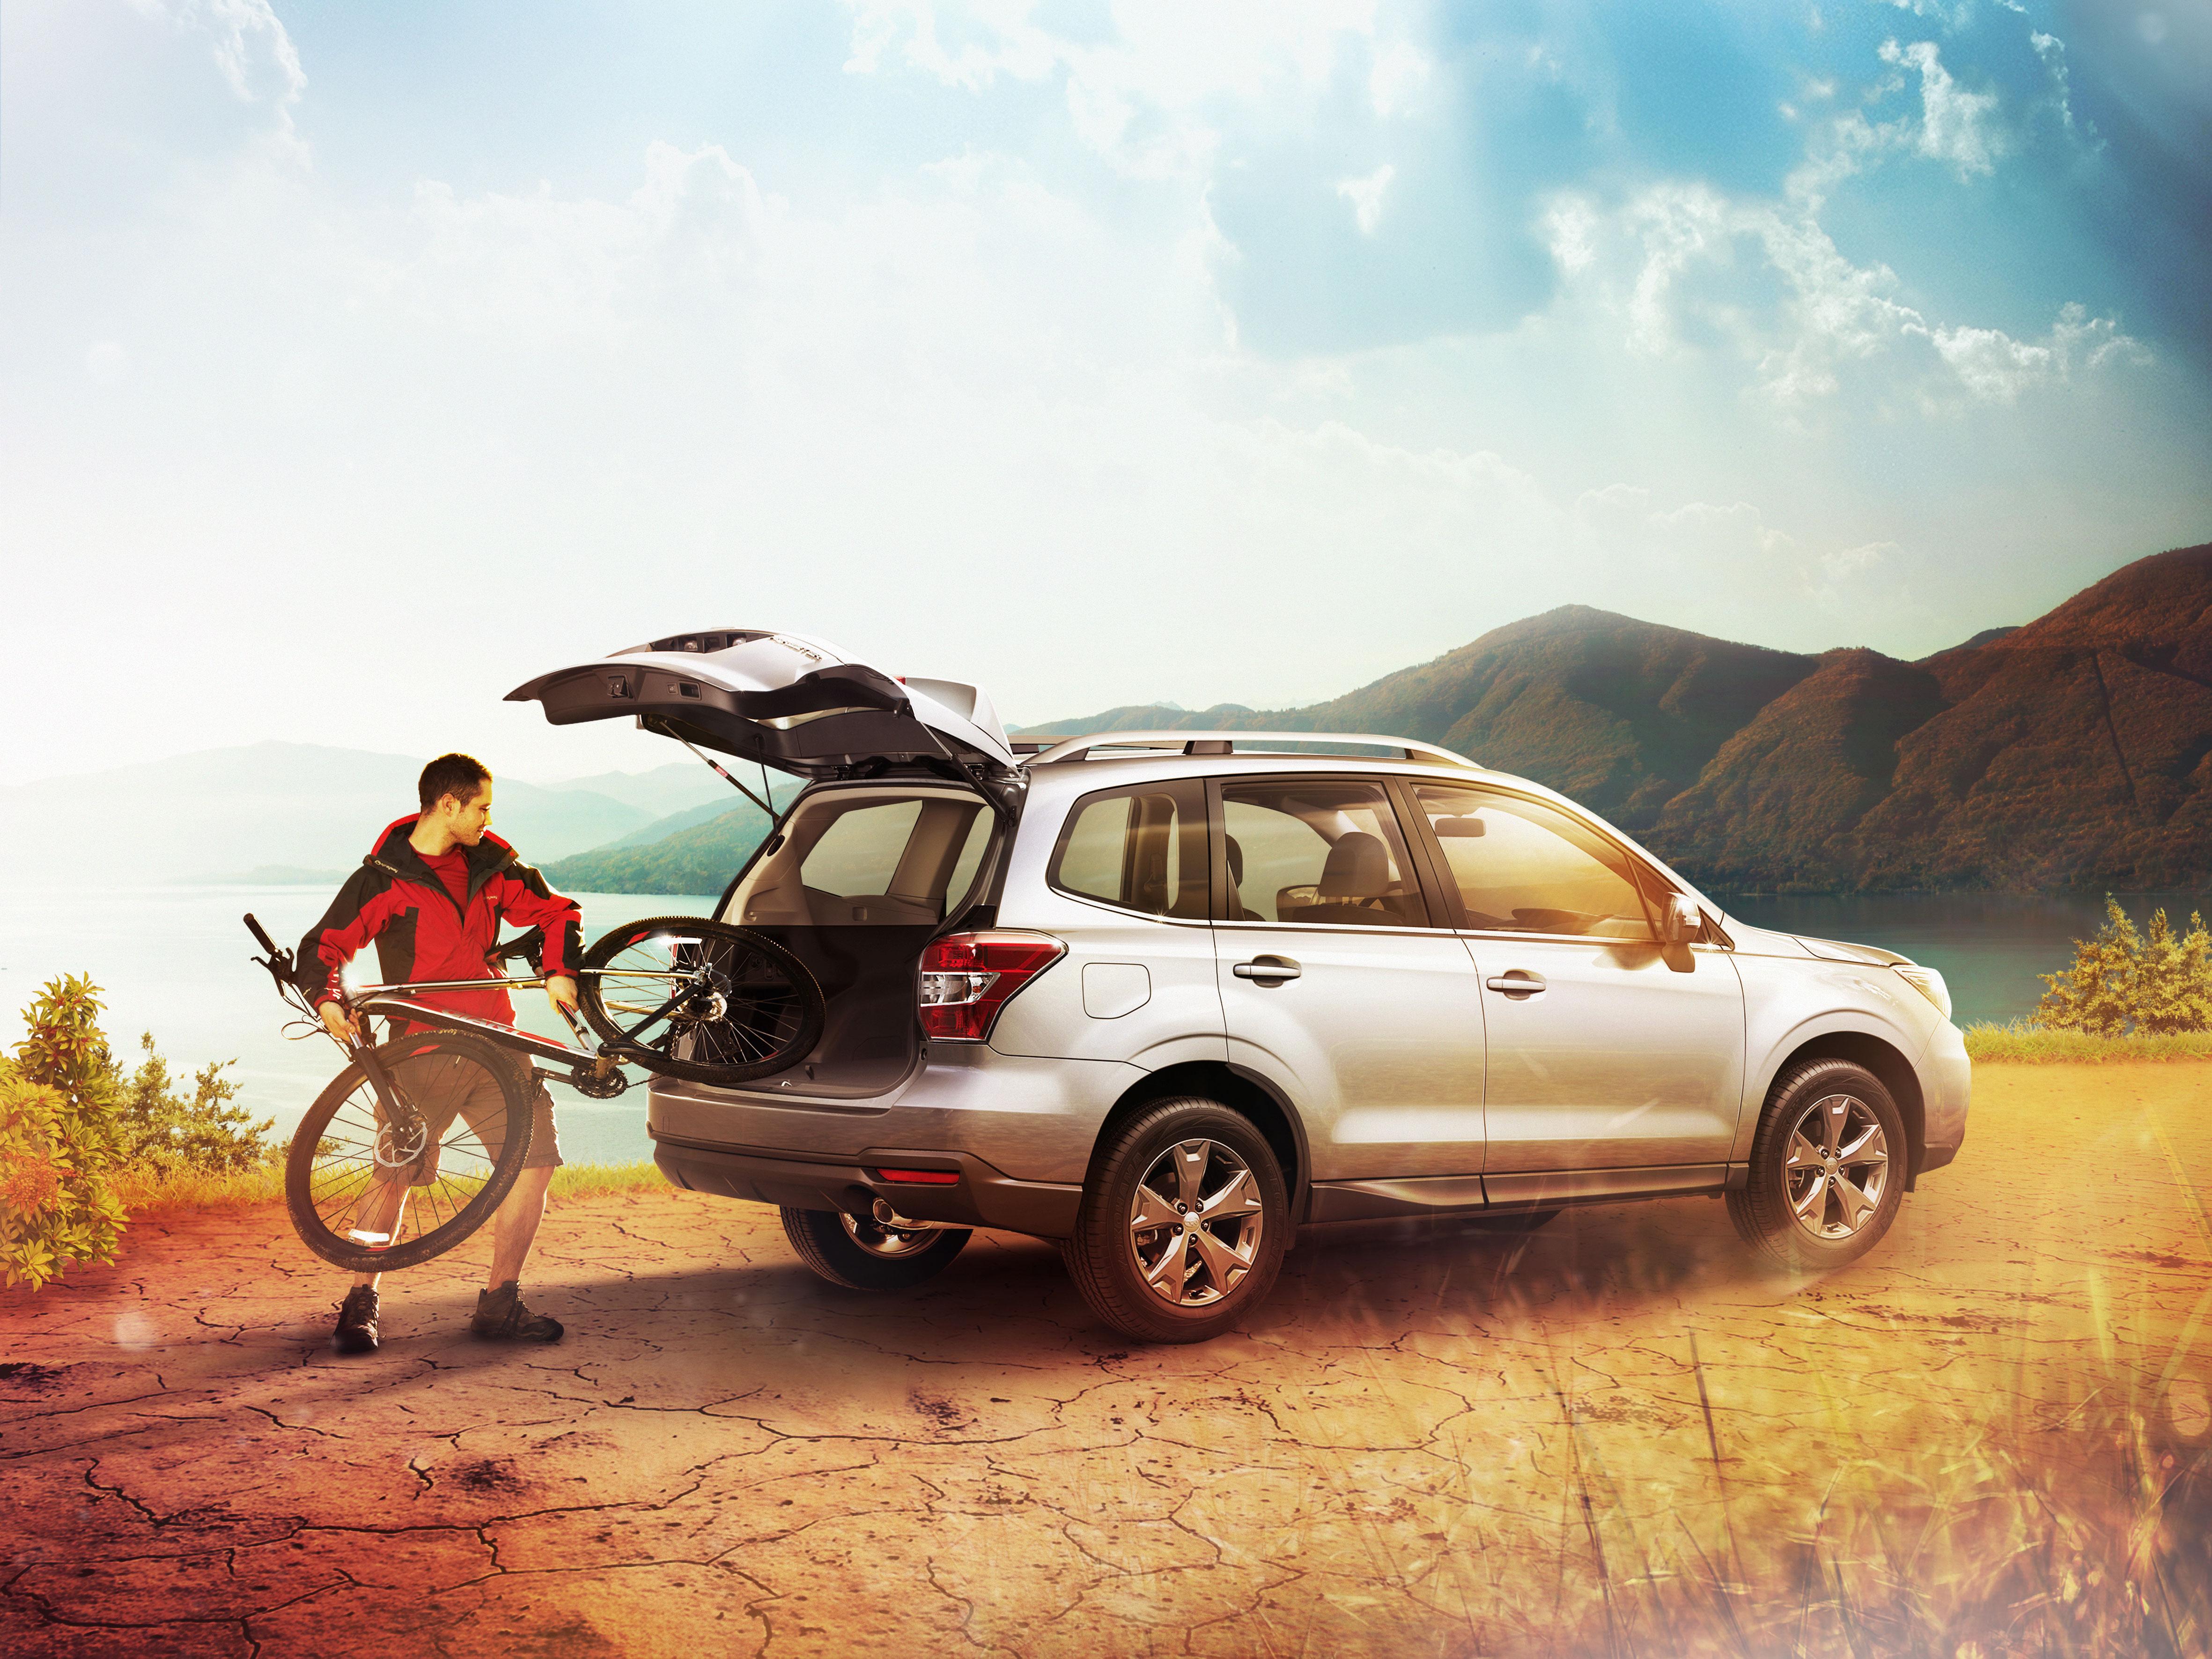 Subaru-Cfao-Automobile-Publicite-Visuel-01